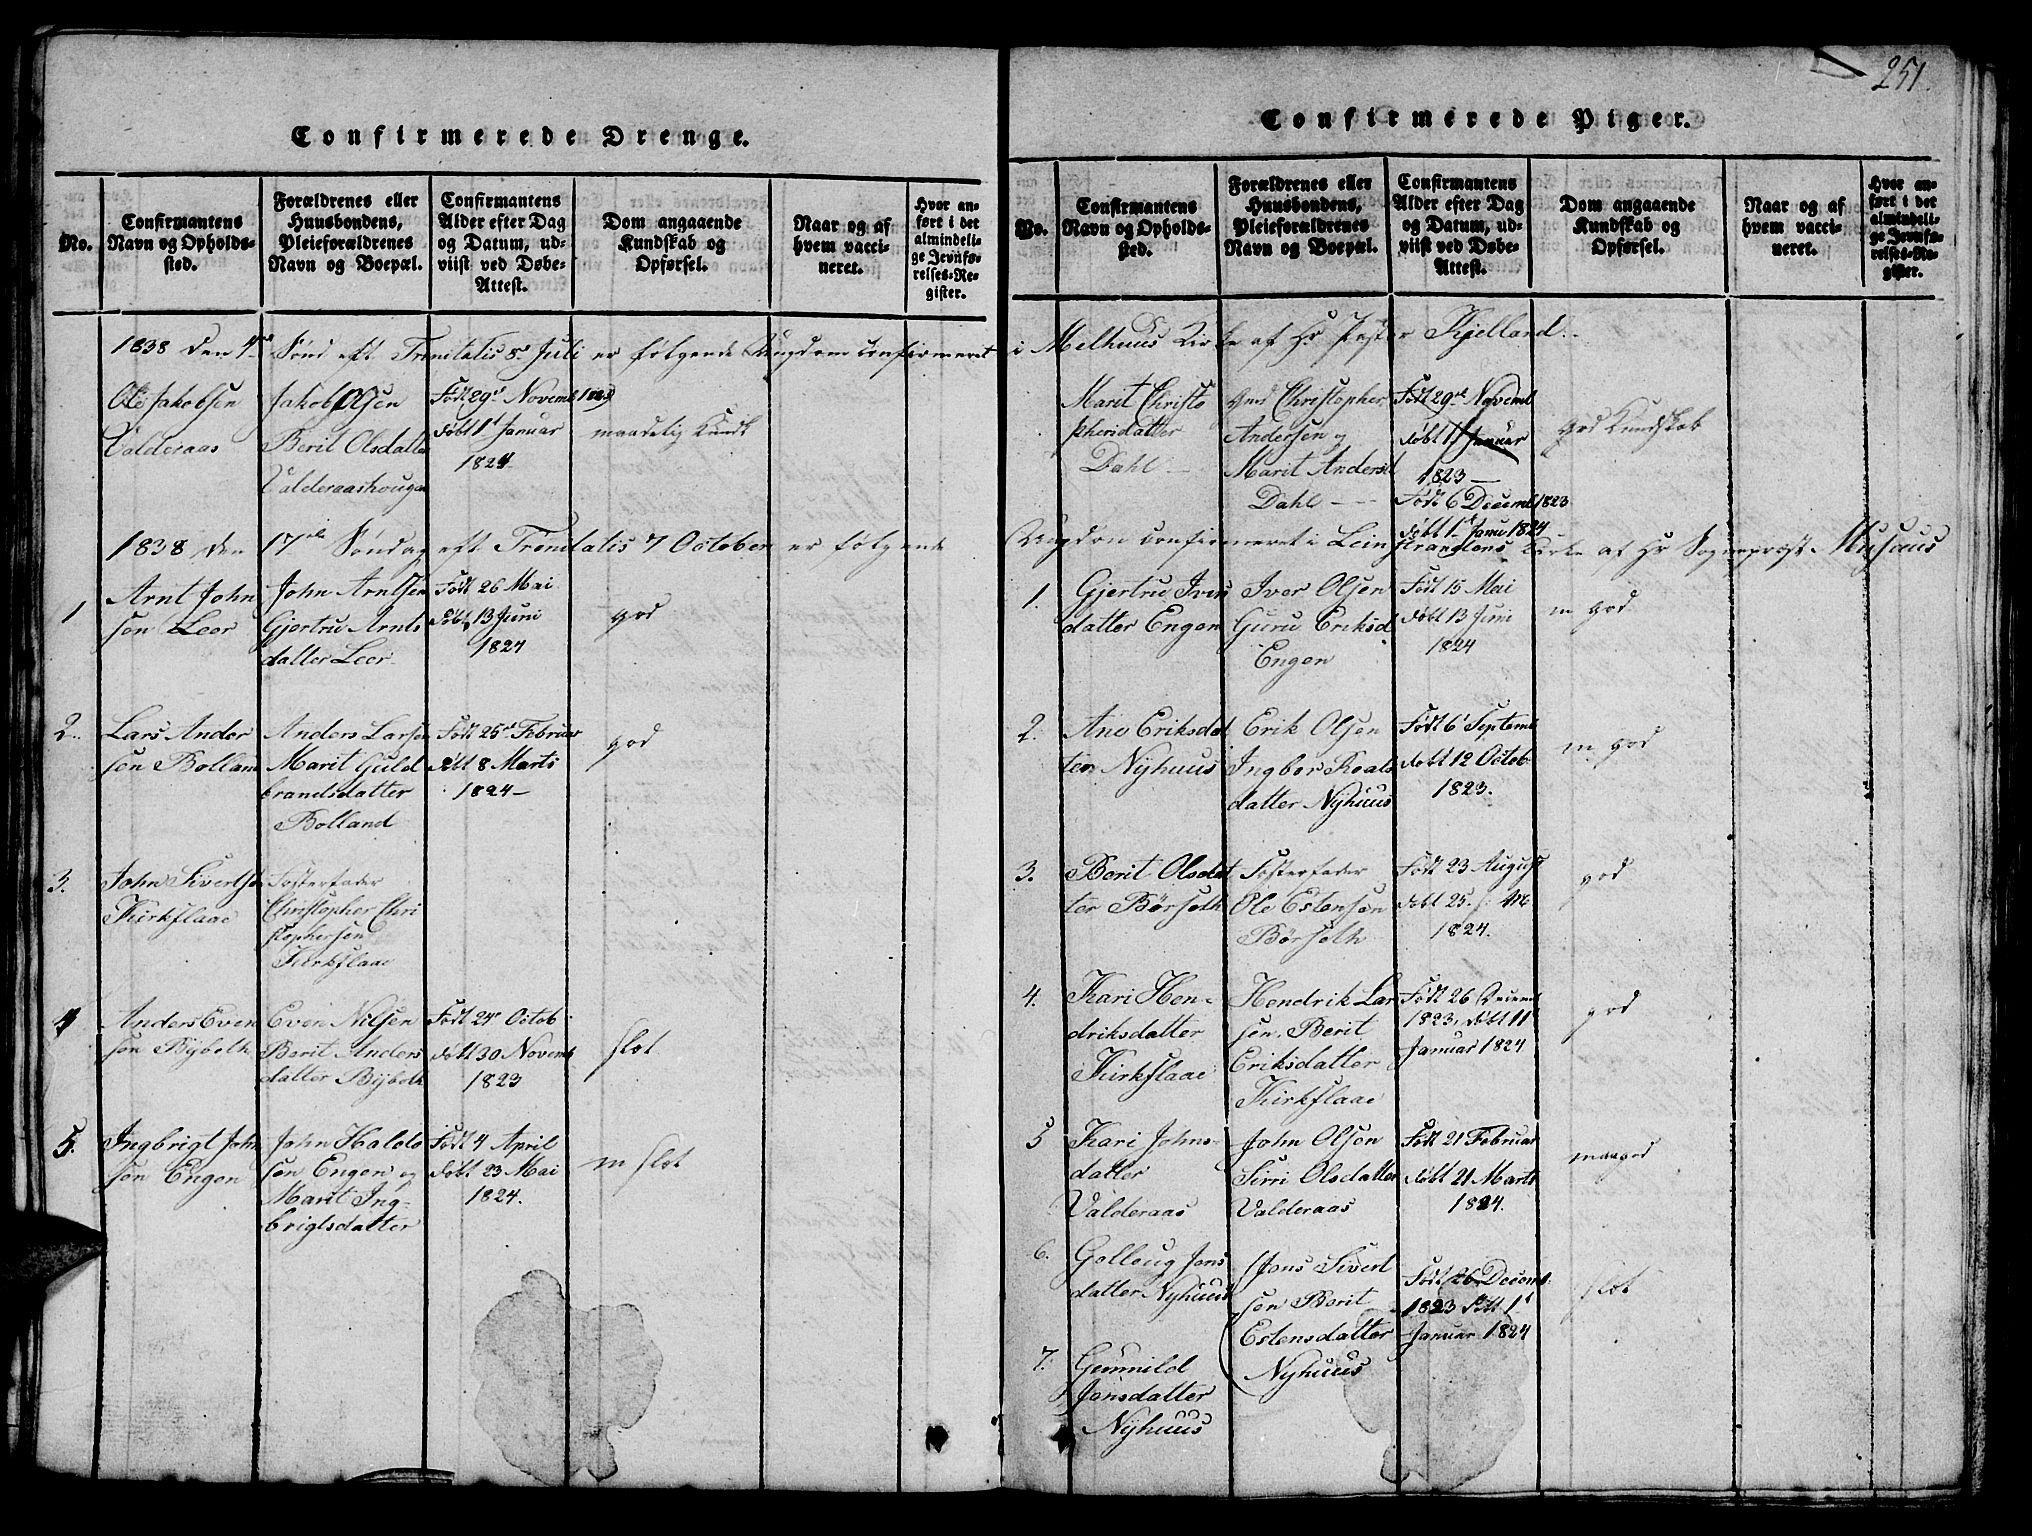 SAT, Ministerialprotokoller, klokkerbøker og fødselsregistre - Sør-Trøndelag, 693/L1121: Klokkerbok nr. 693C02, 1816-1869, s. 251